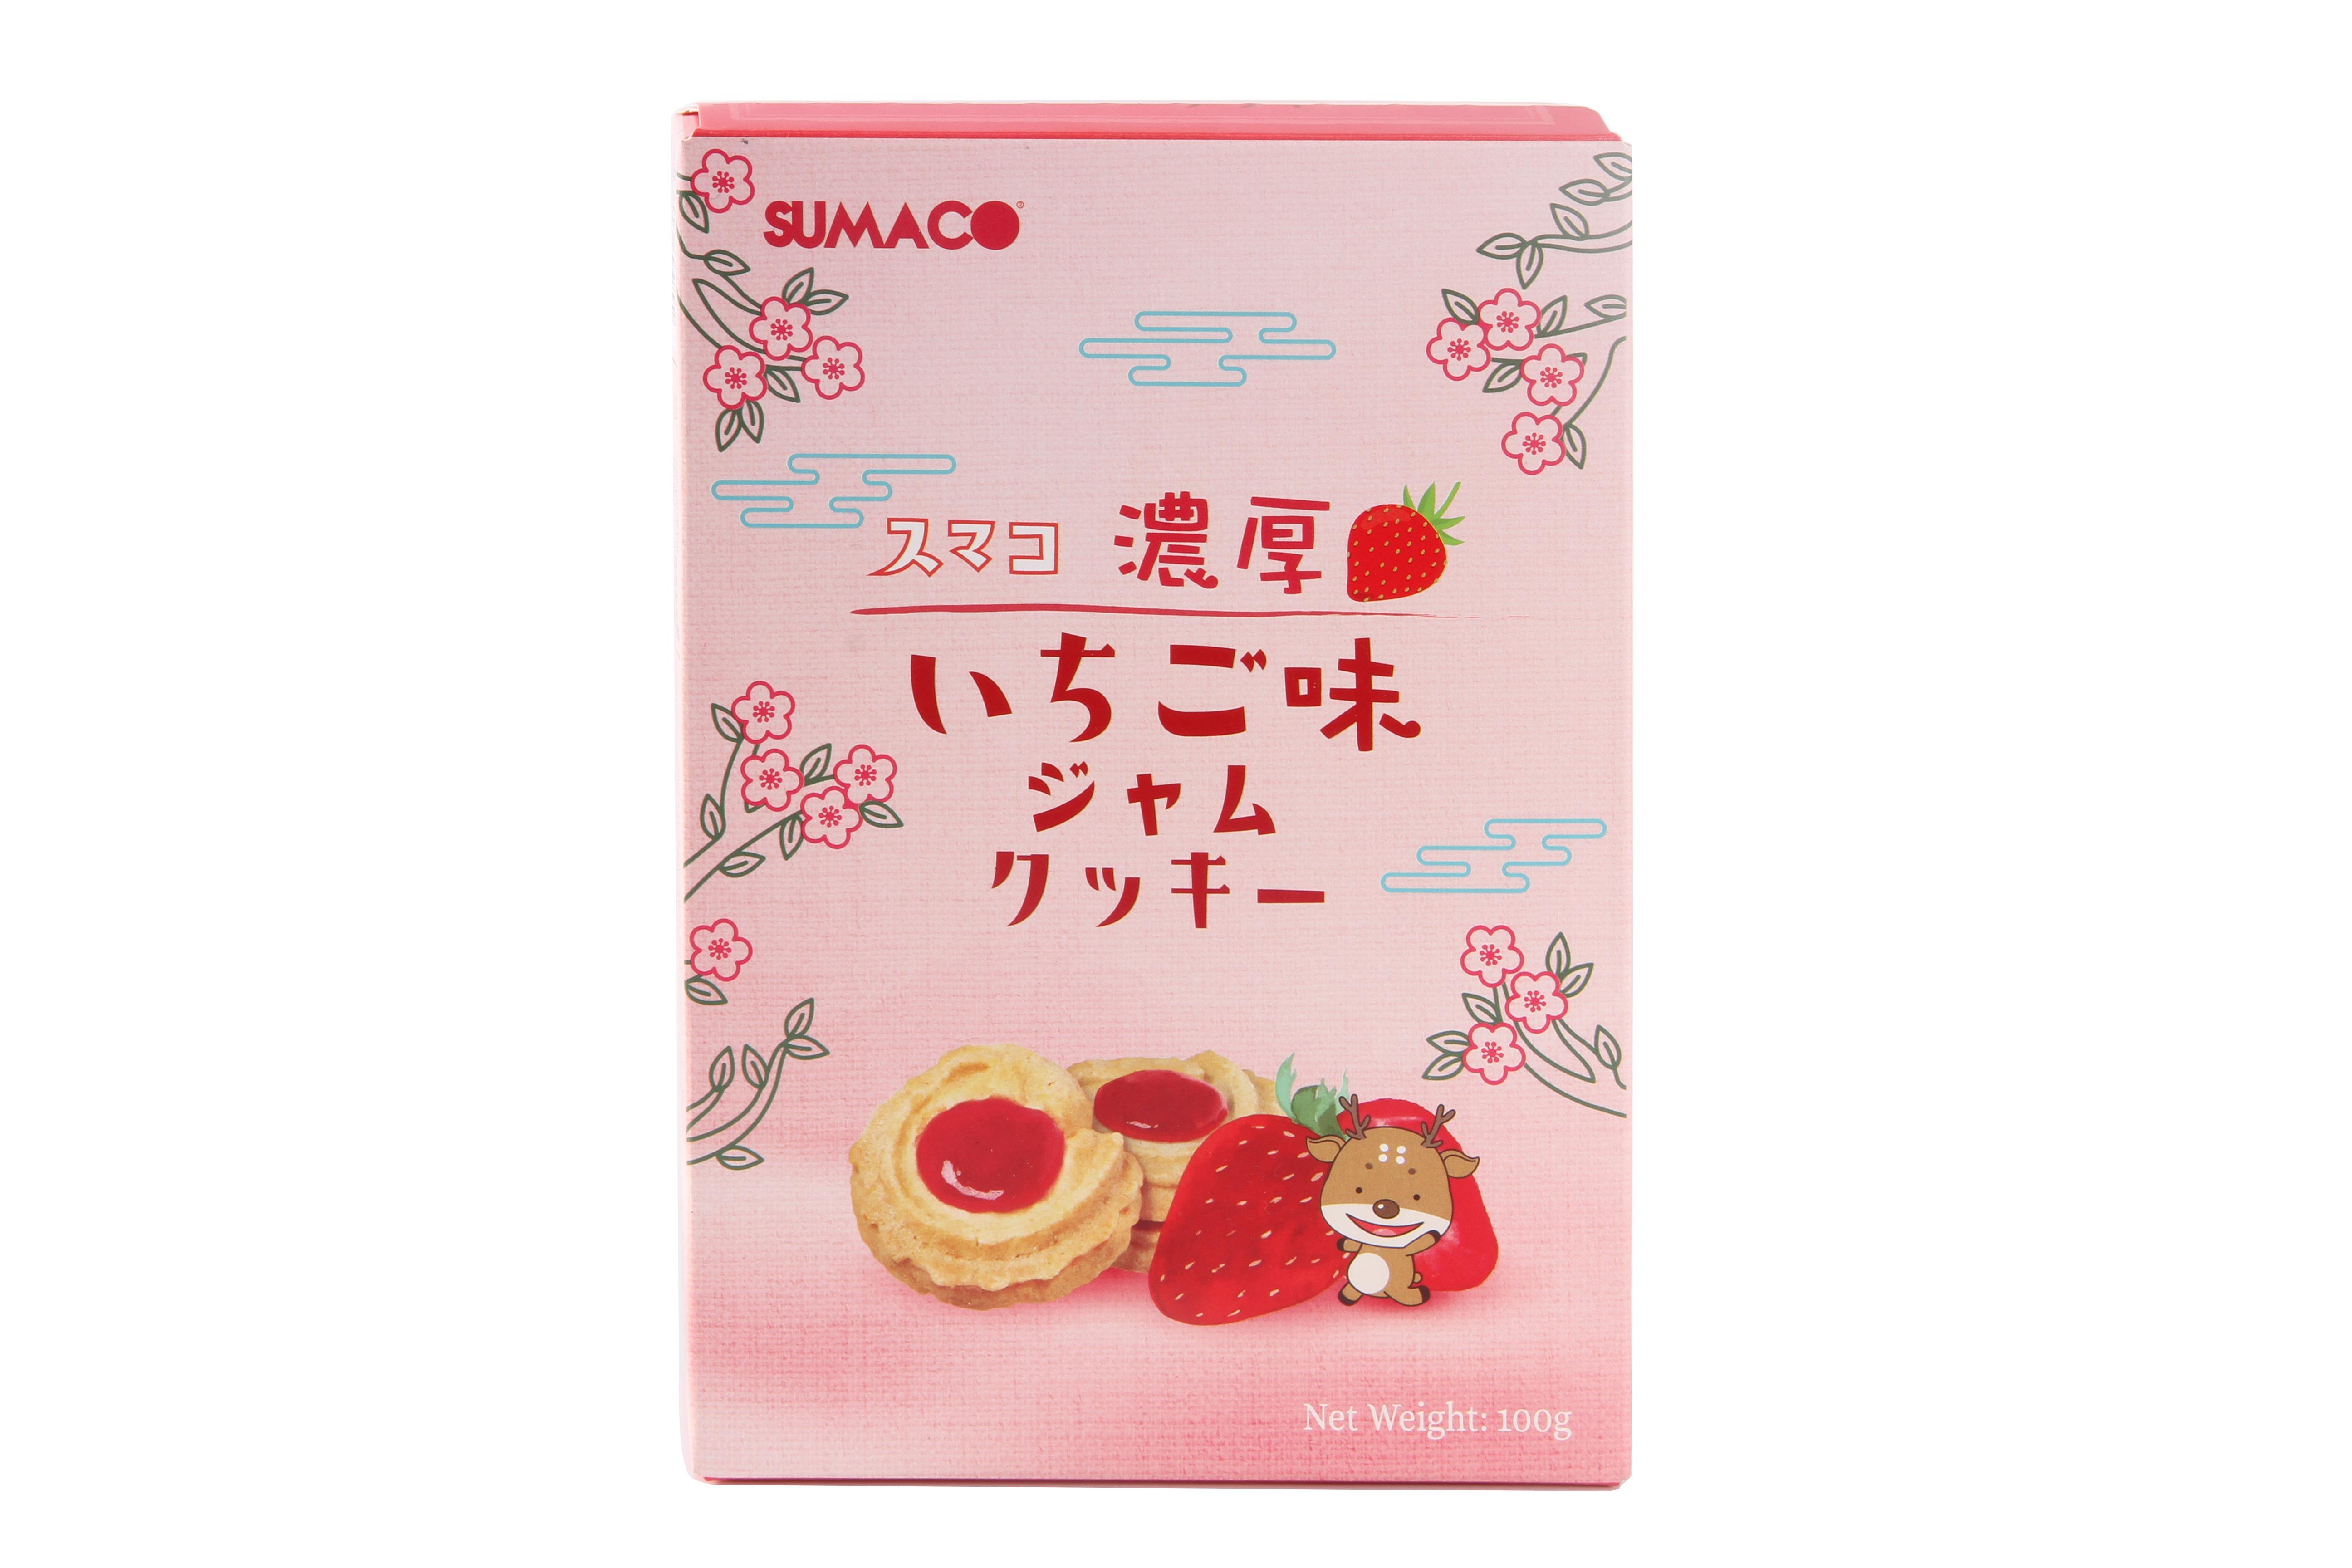 素玛哥曲奇饼干(草莓果酱风味)100g